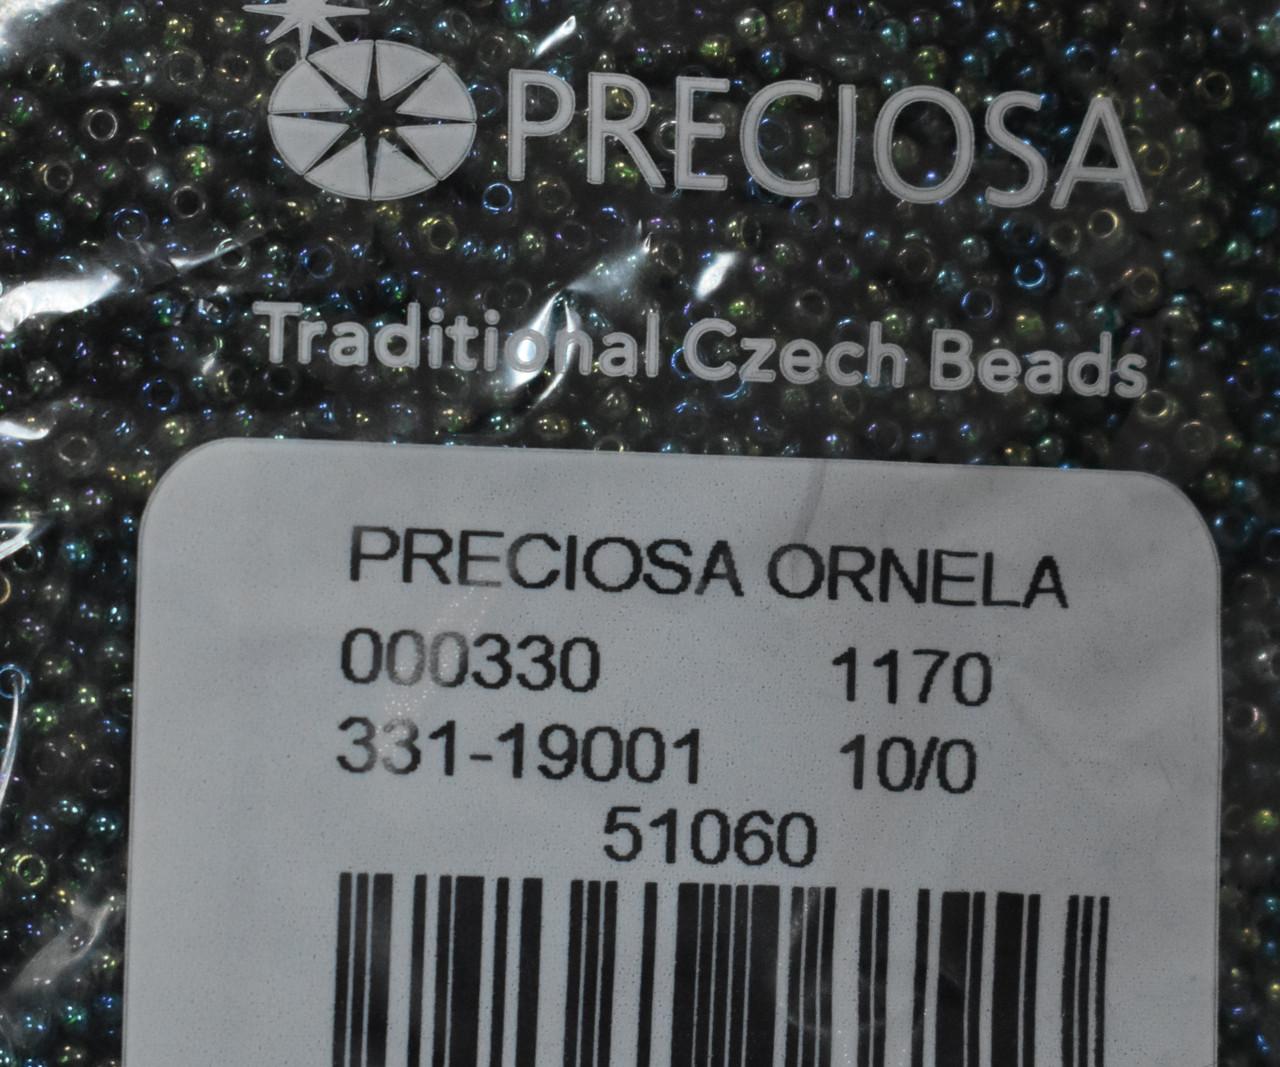 Бісер Preciosa 10/0 колір 51060 зелений 10г